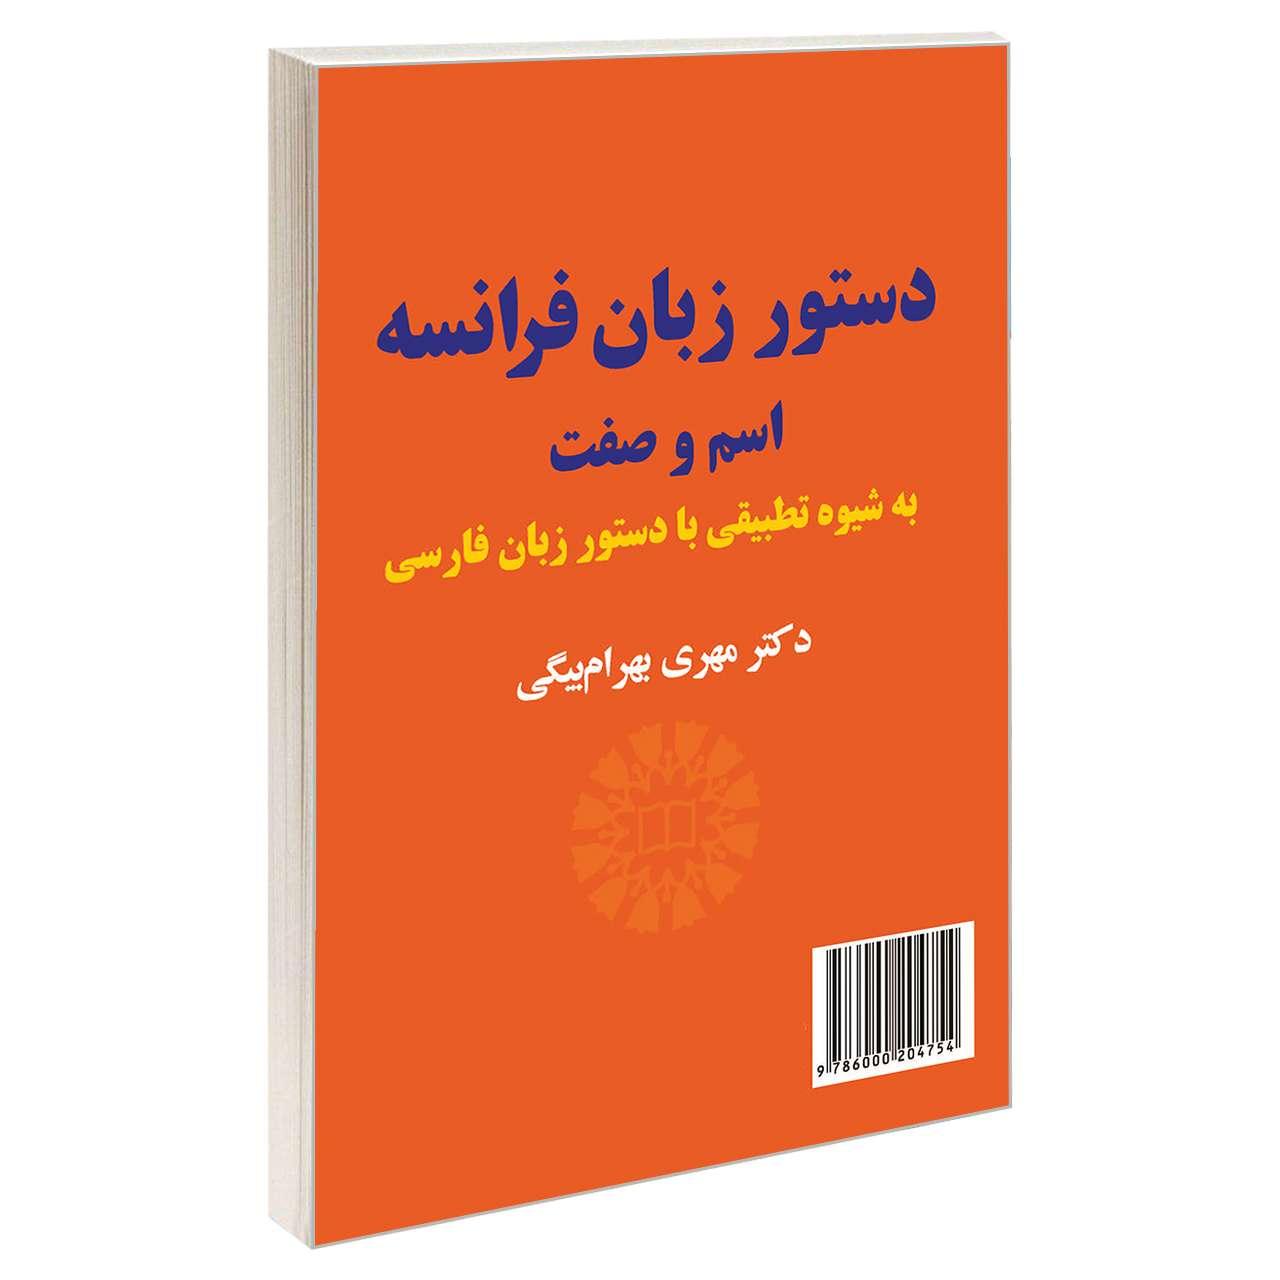 خرید                      کتاب دستور زبان فرانسه؛ اسم و صفت اثر دکتر مهری بهرام بیگی نشر سمت